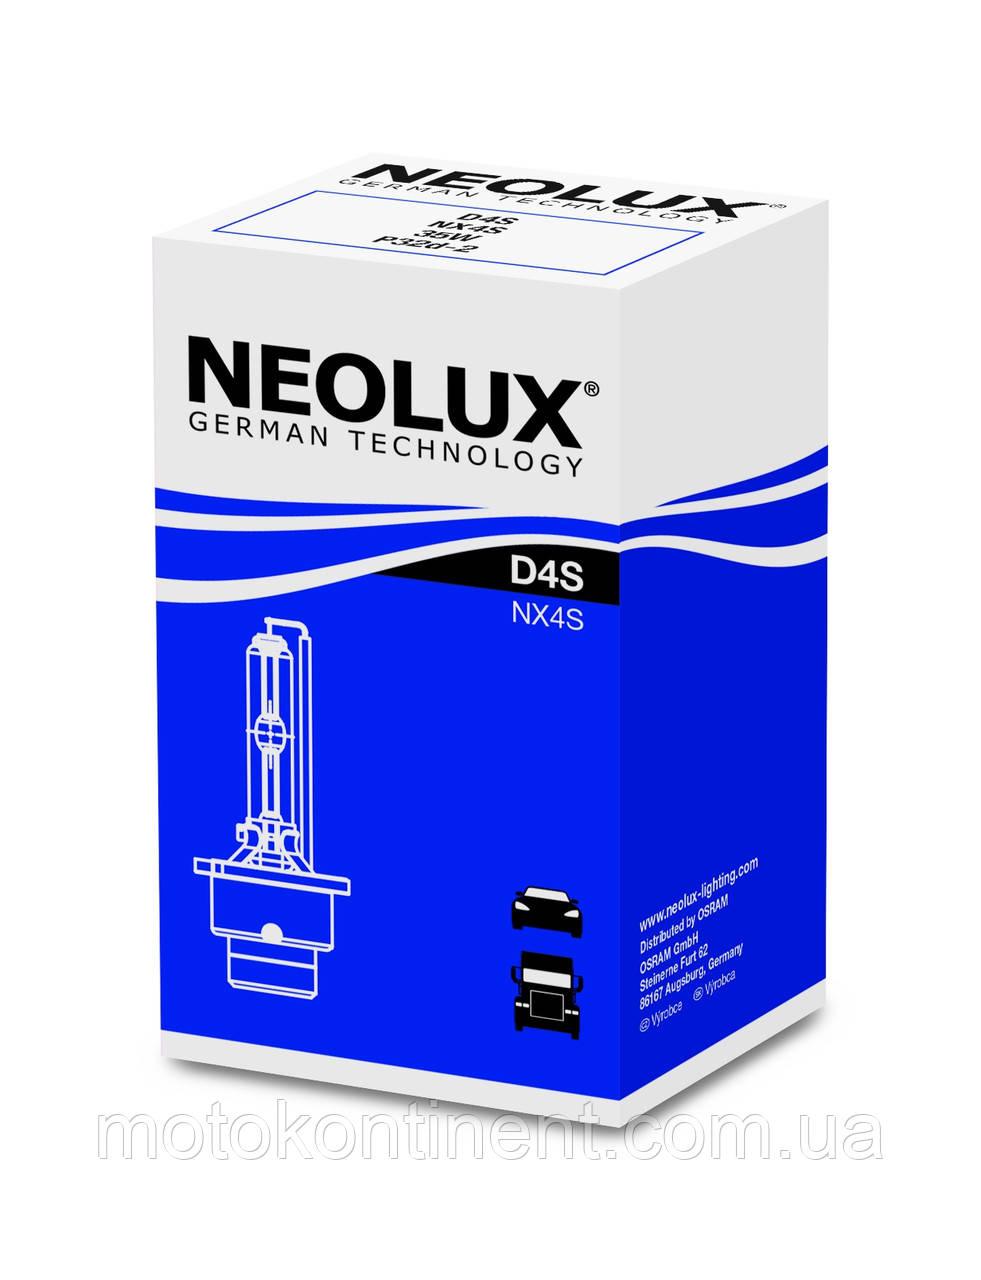 D4S Ксенон (неолюкс) Neolux STANDARD от OSRAM D4S 42V 35W 4300K P32D-5